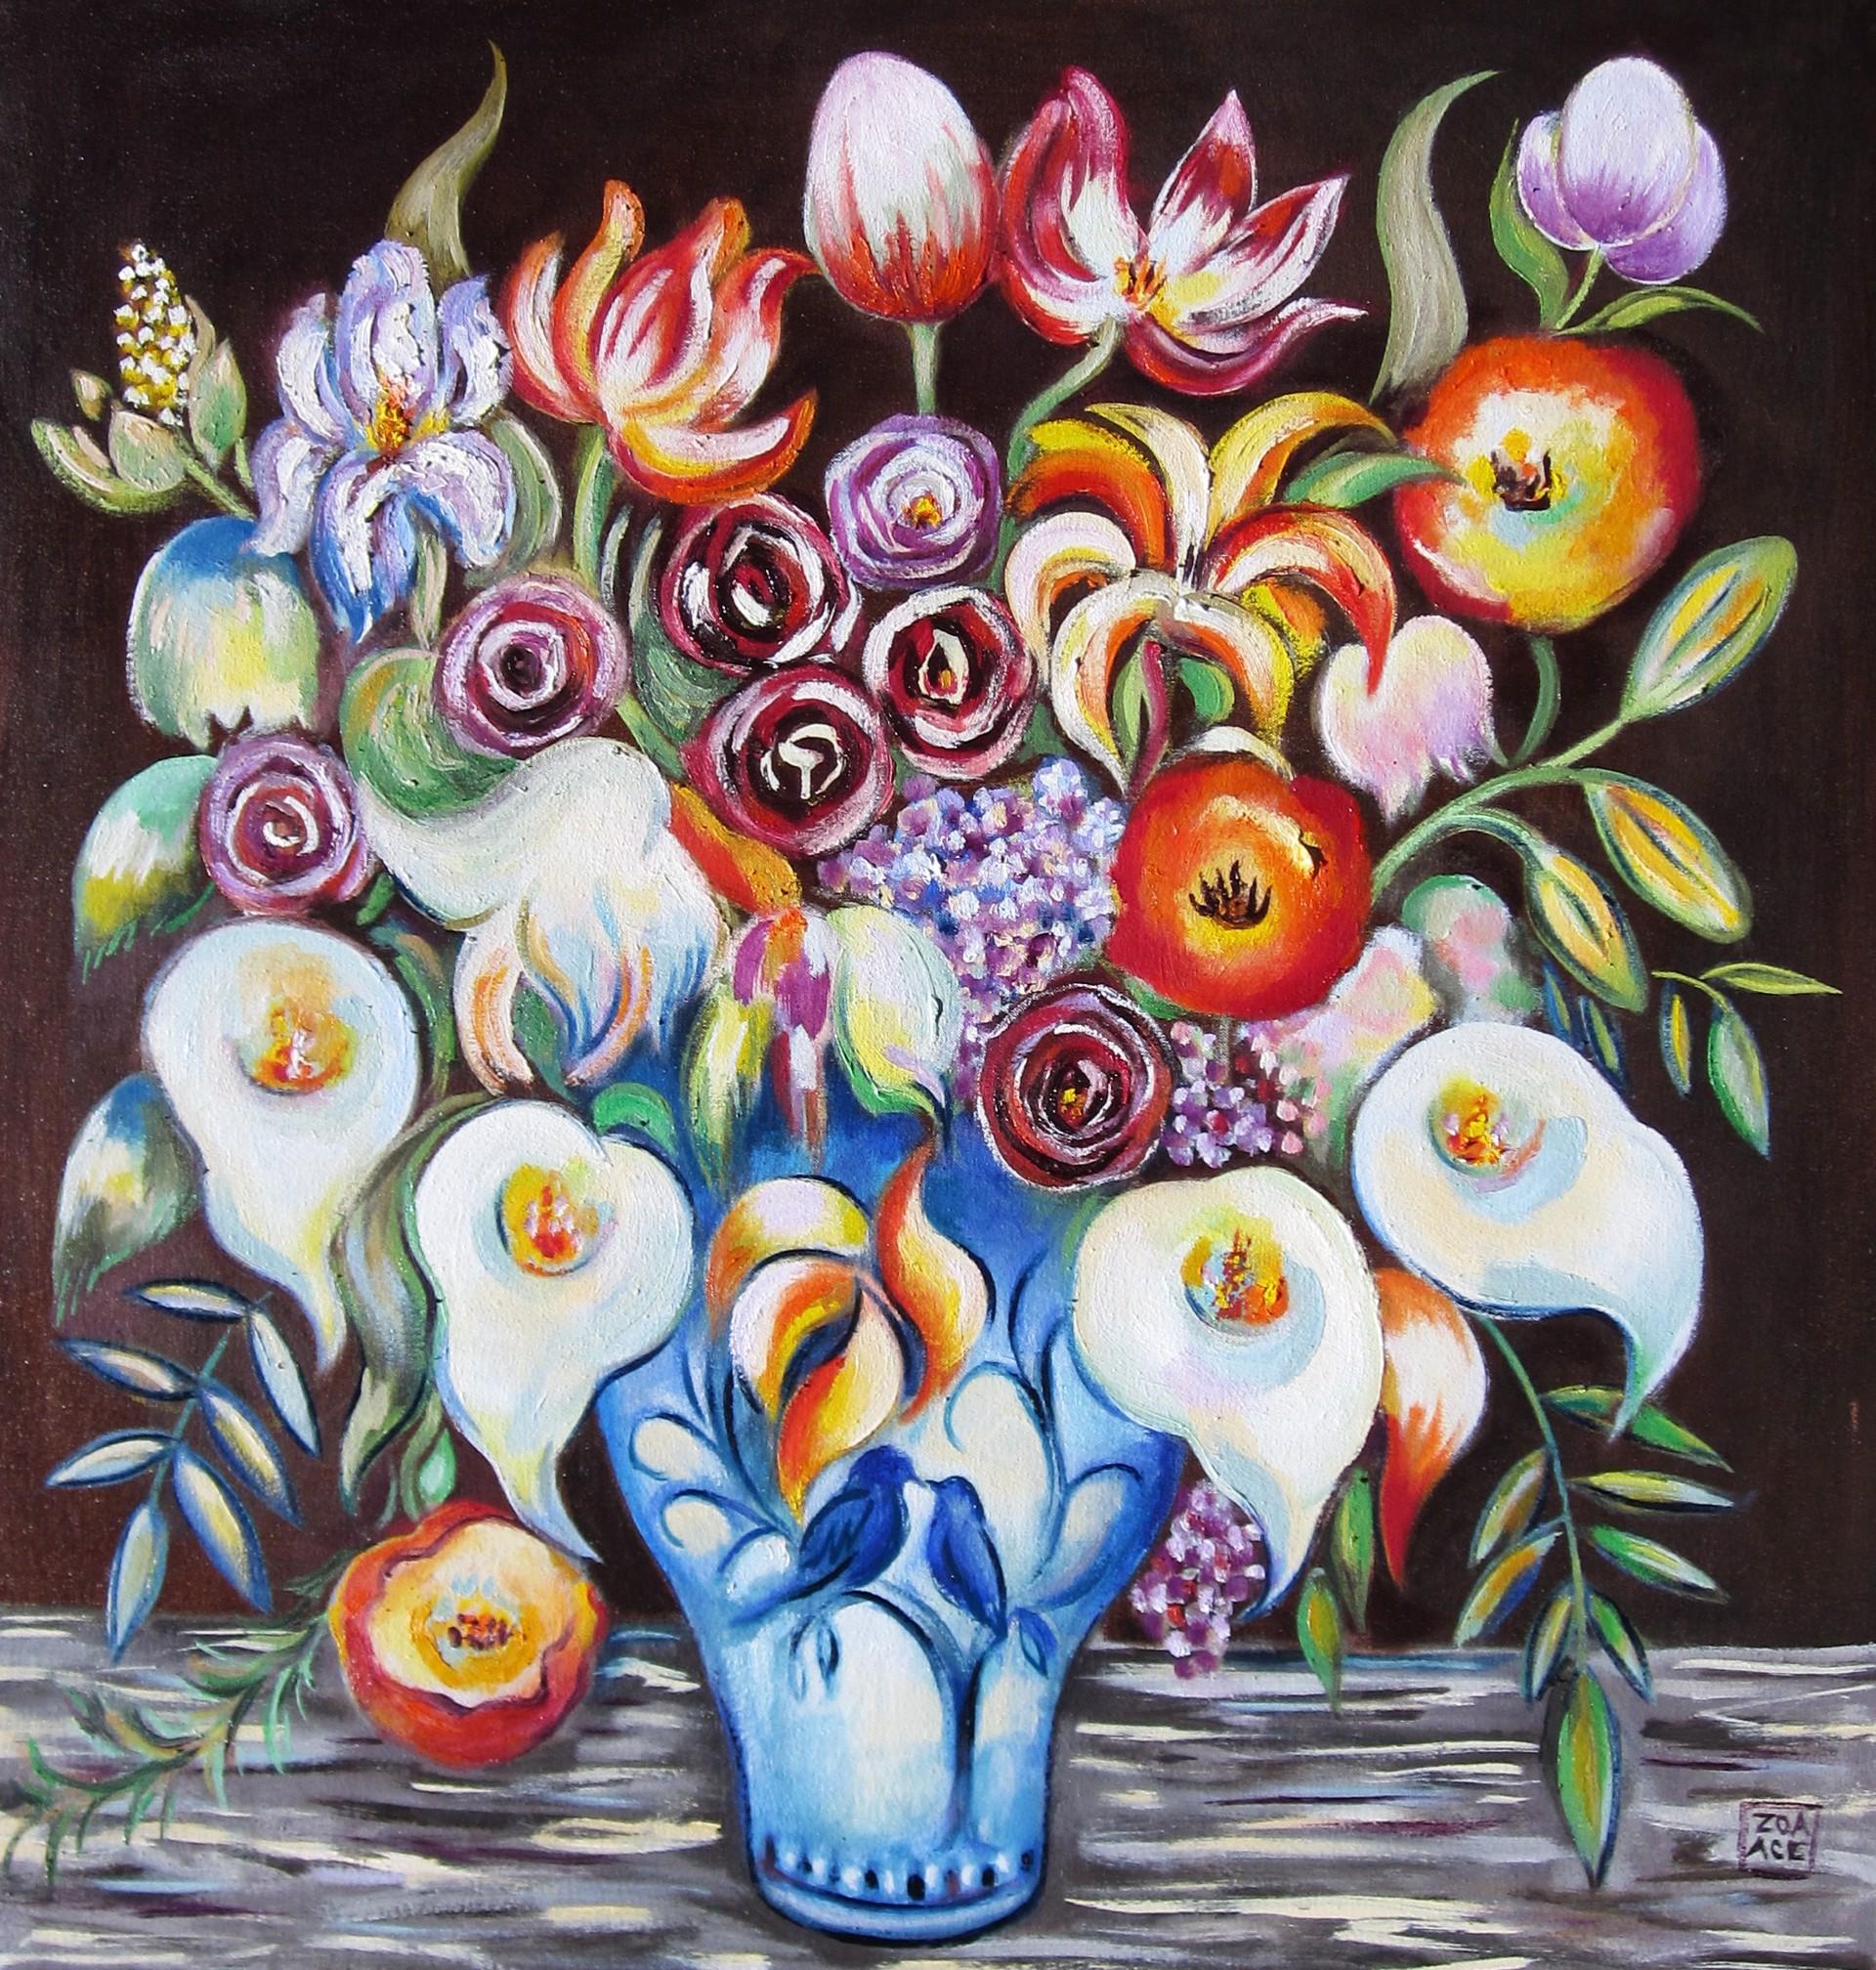 Flowers in a Bird Vase by Zoa Ace